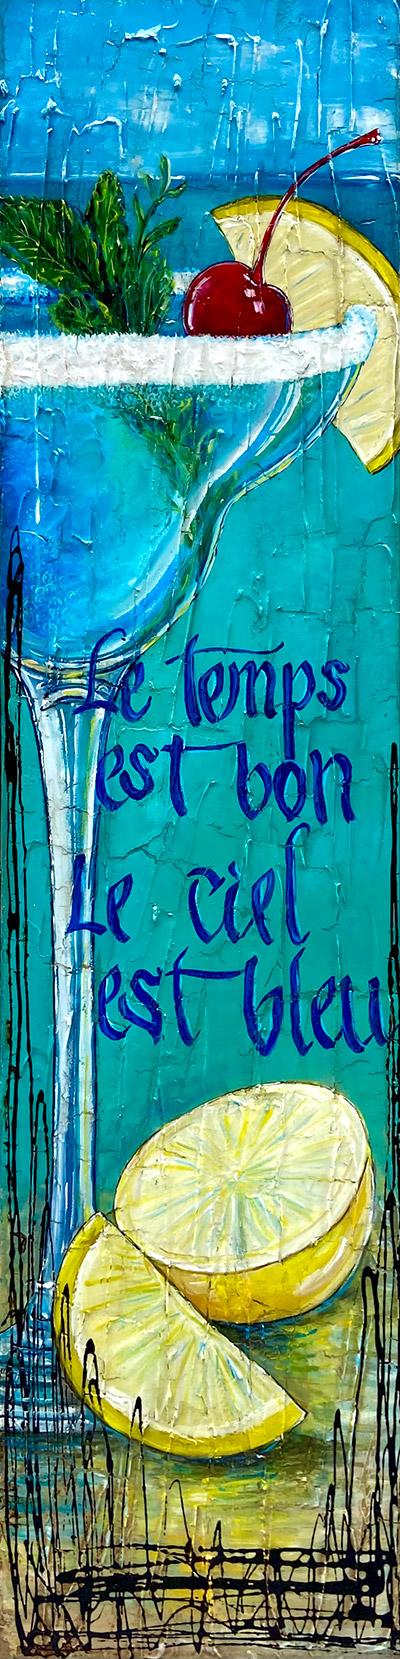 Tableau Nathalie Chiasson - Le temps est bon